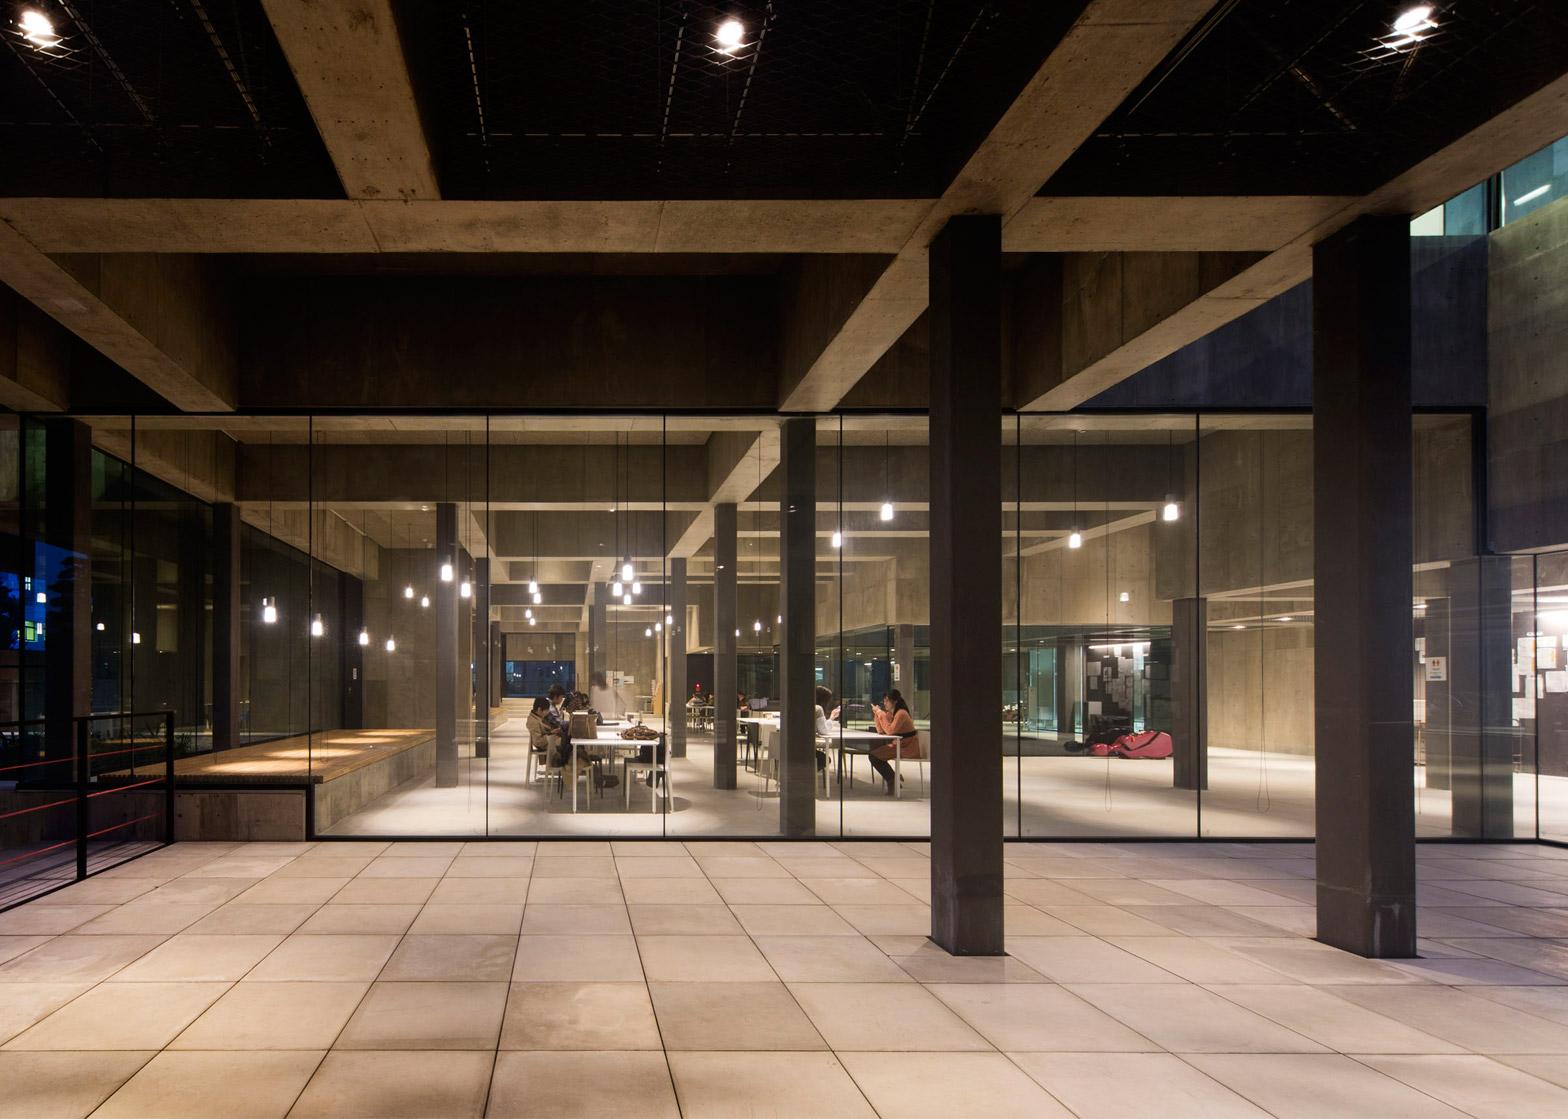 Toho Gakuen School of Music, Tokyo, Japan, by Nikken Sekkei